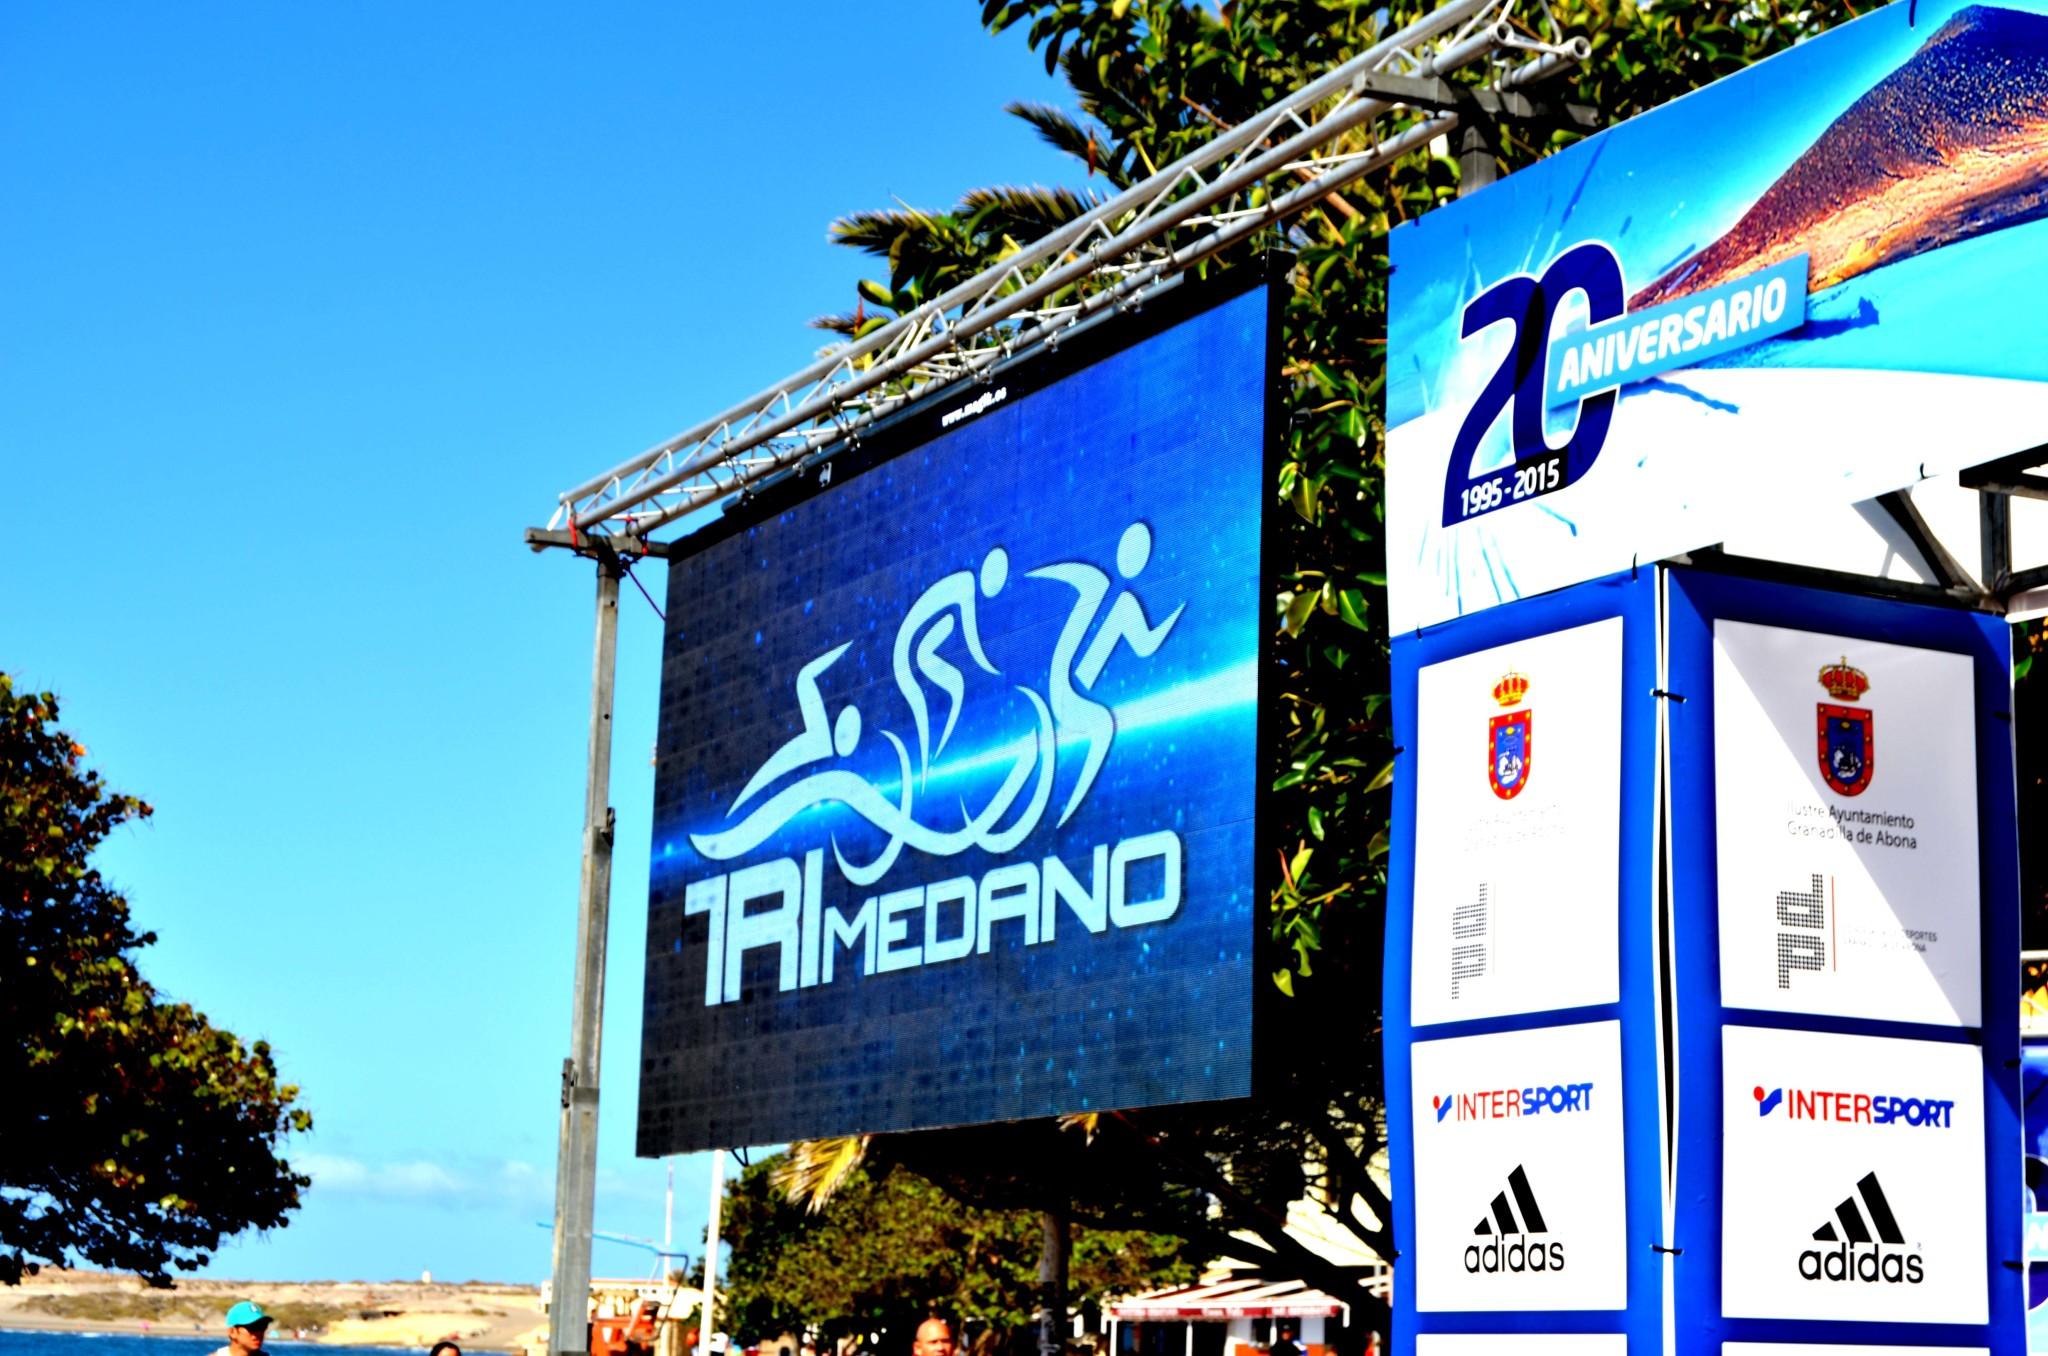 Magik en Trimédano 2015